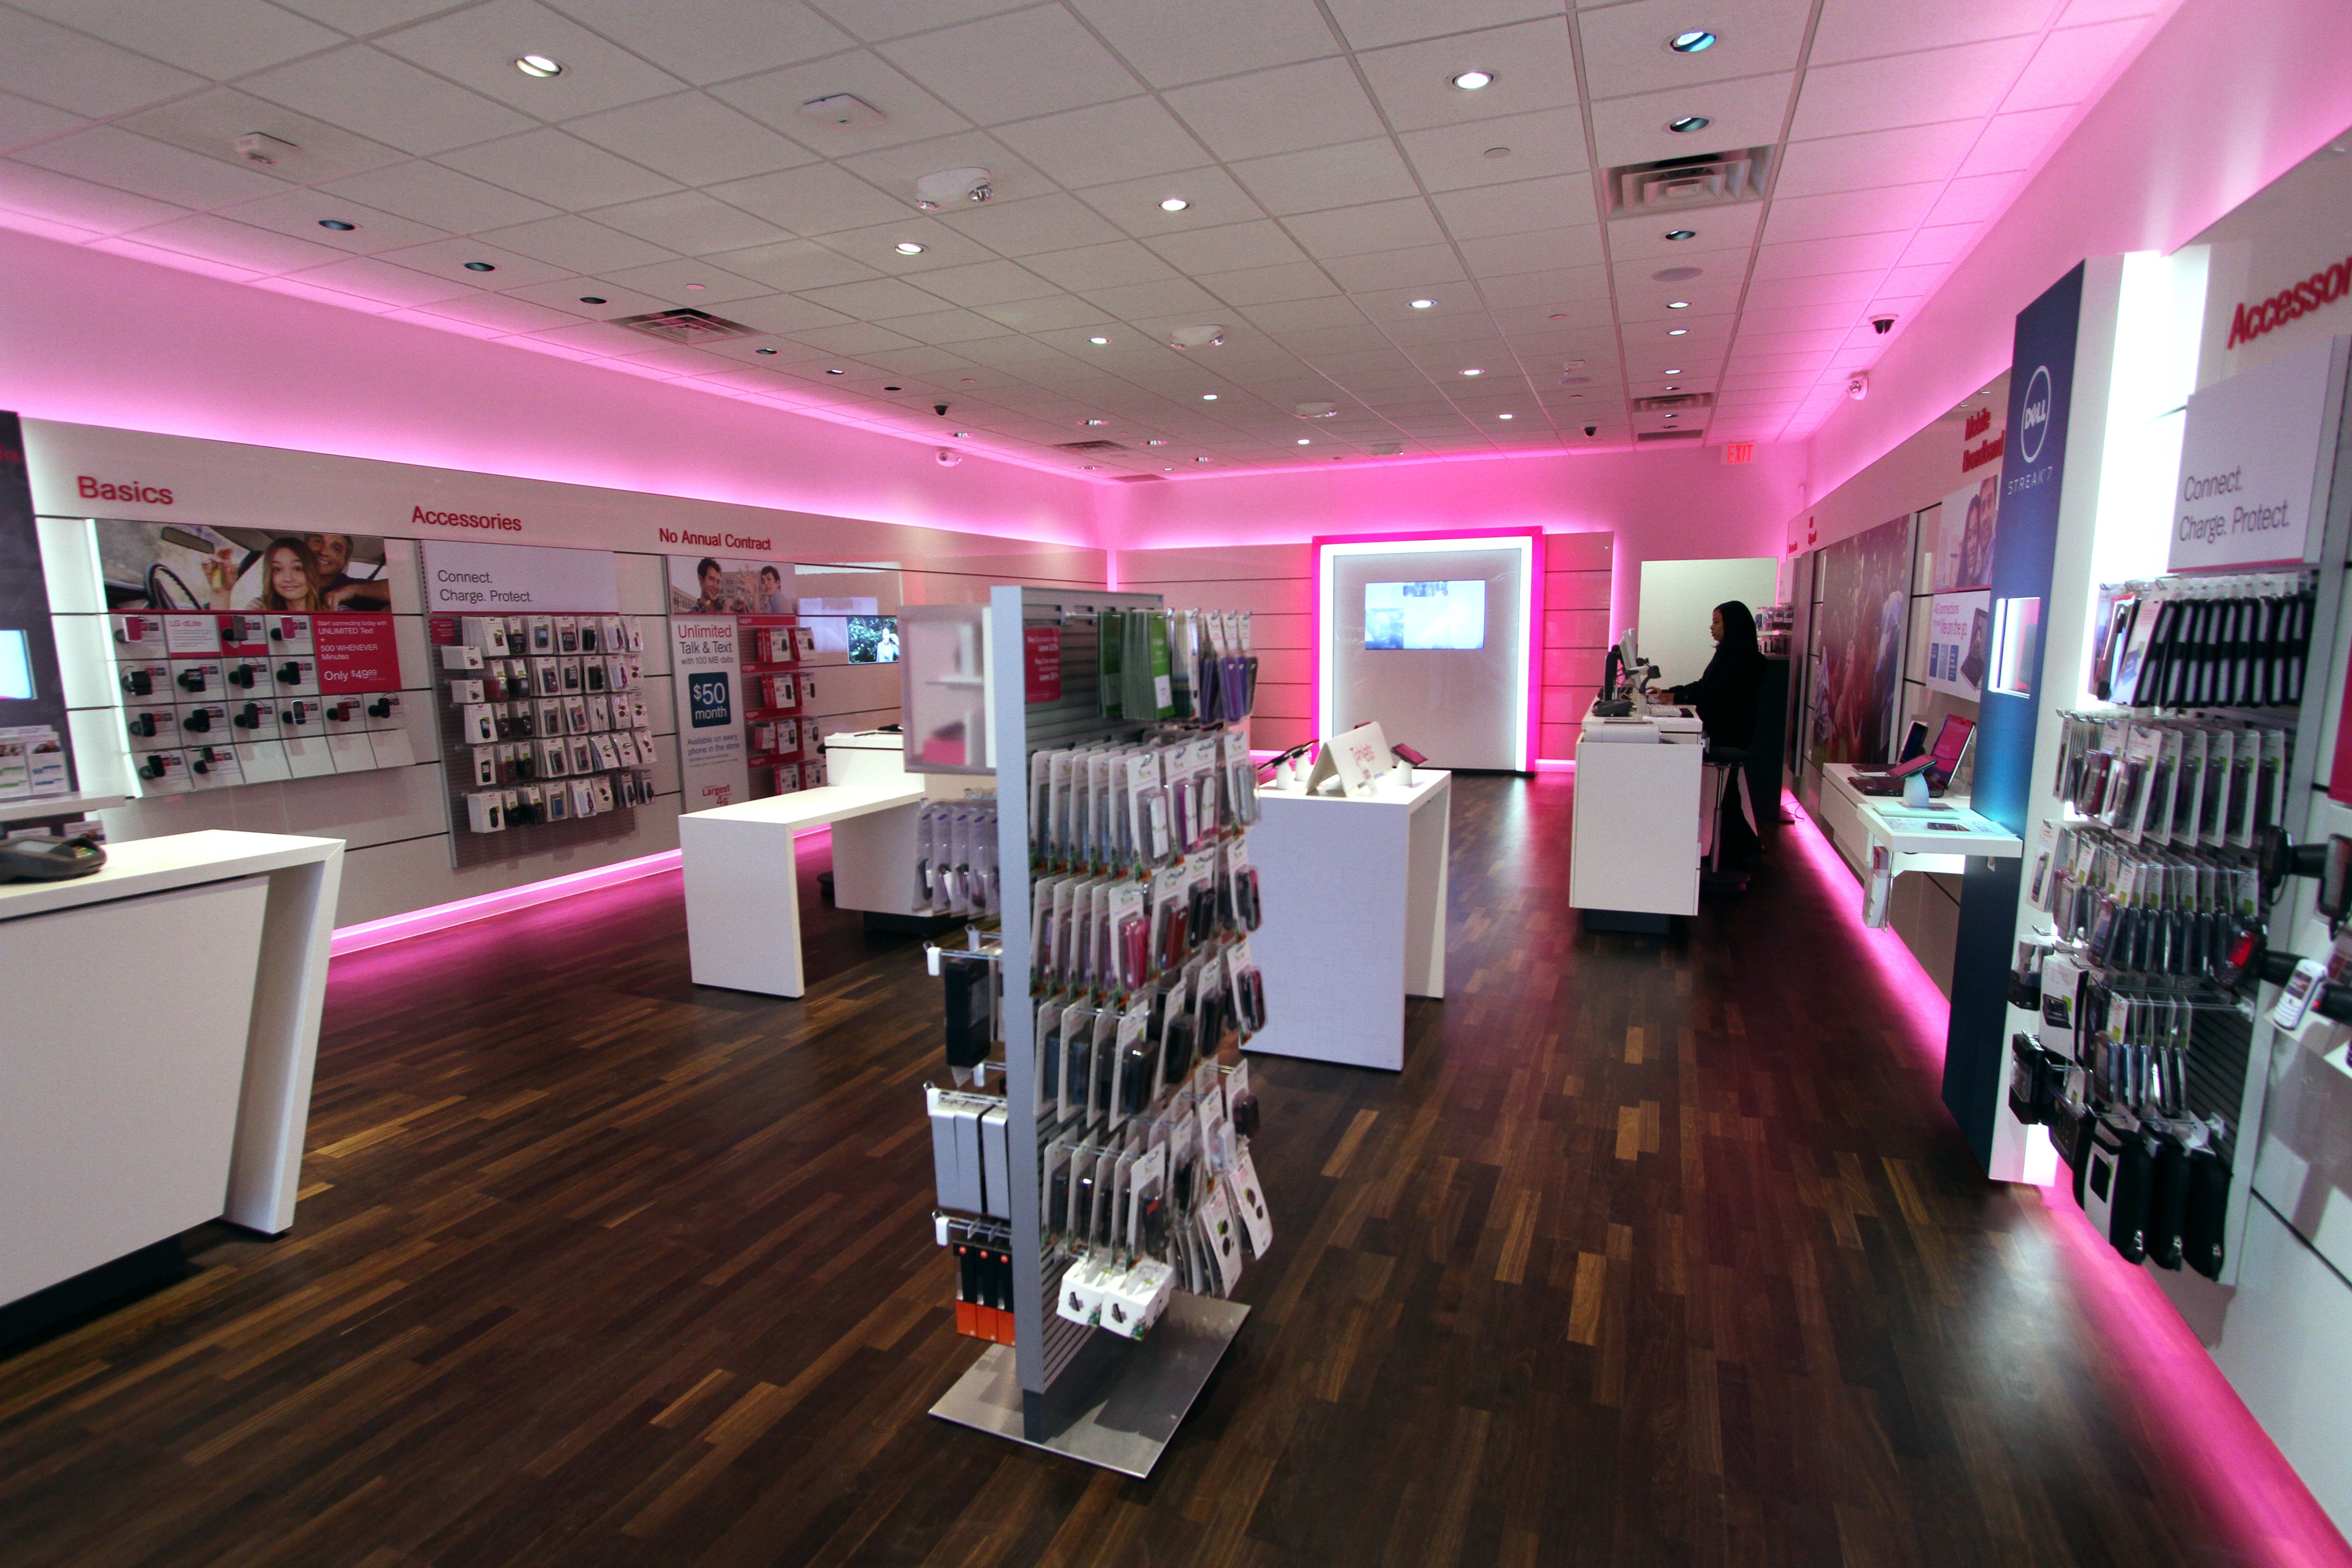 T Mobile Store Store Design Interior Retail Design Retail Fixtures